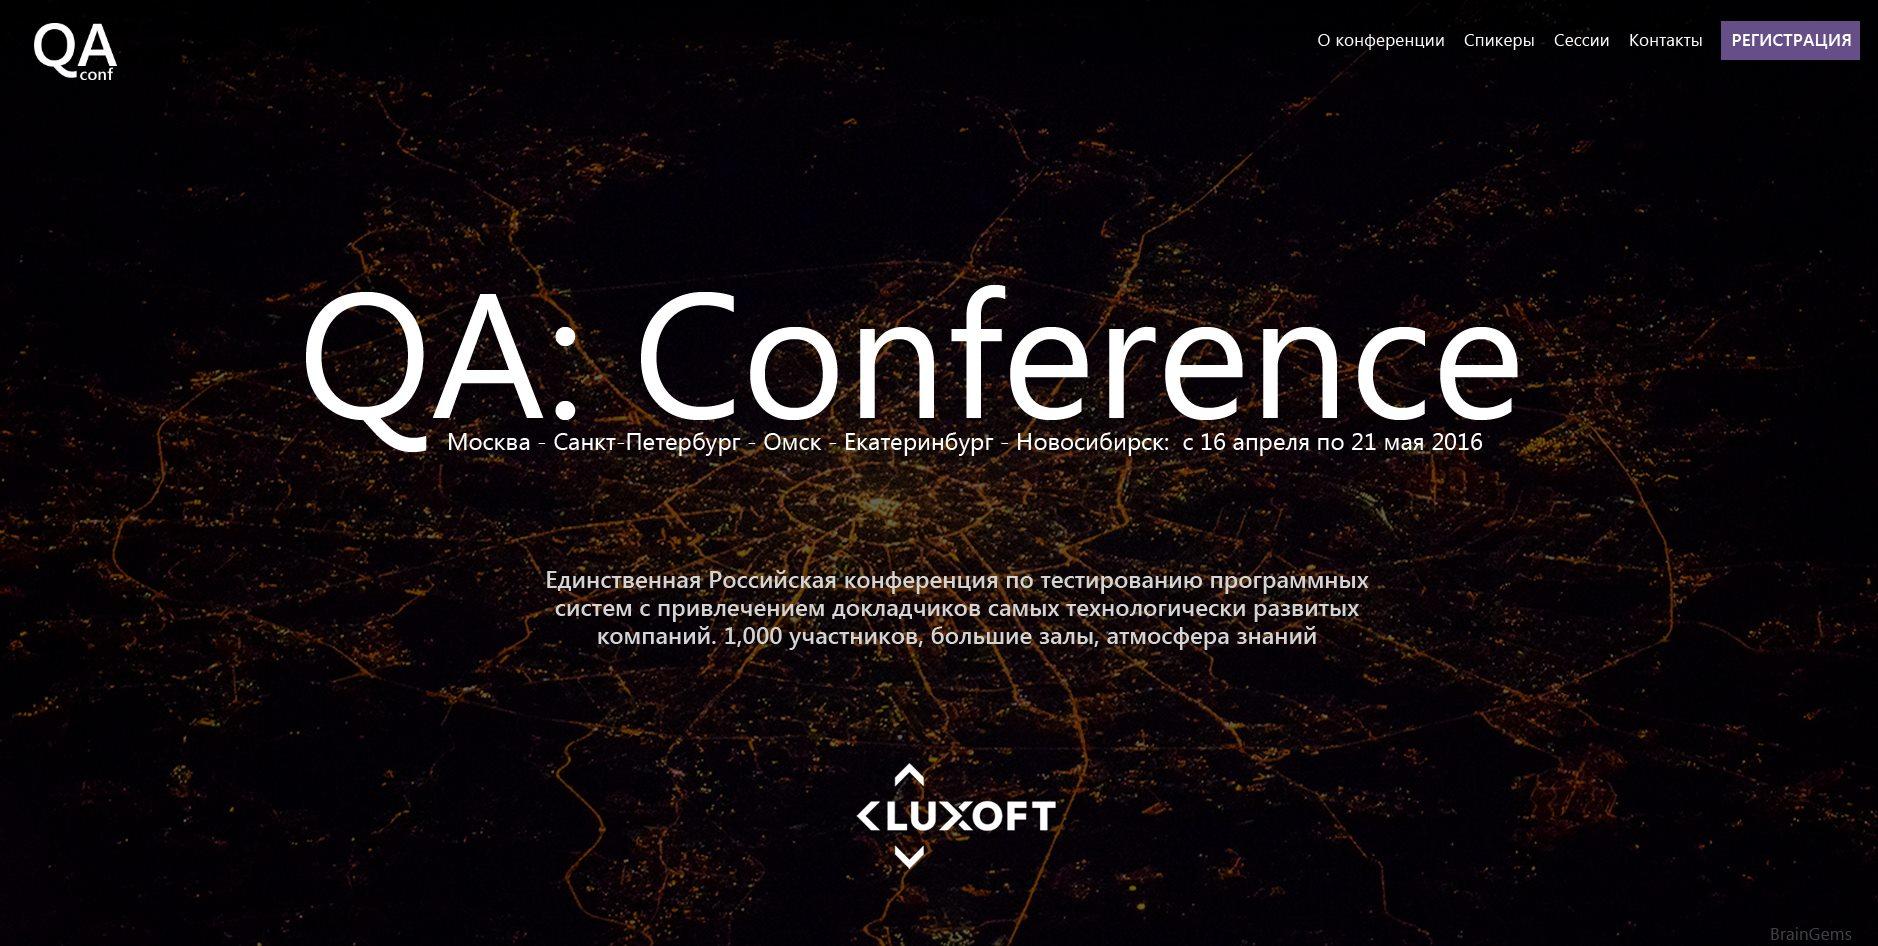 QA: Conference приглашает спикеров - 1